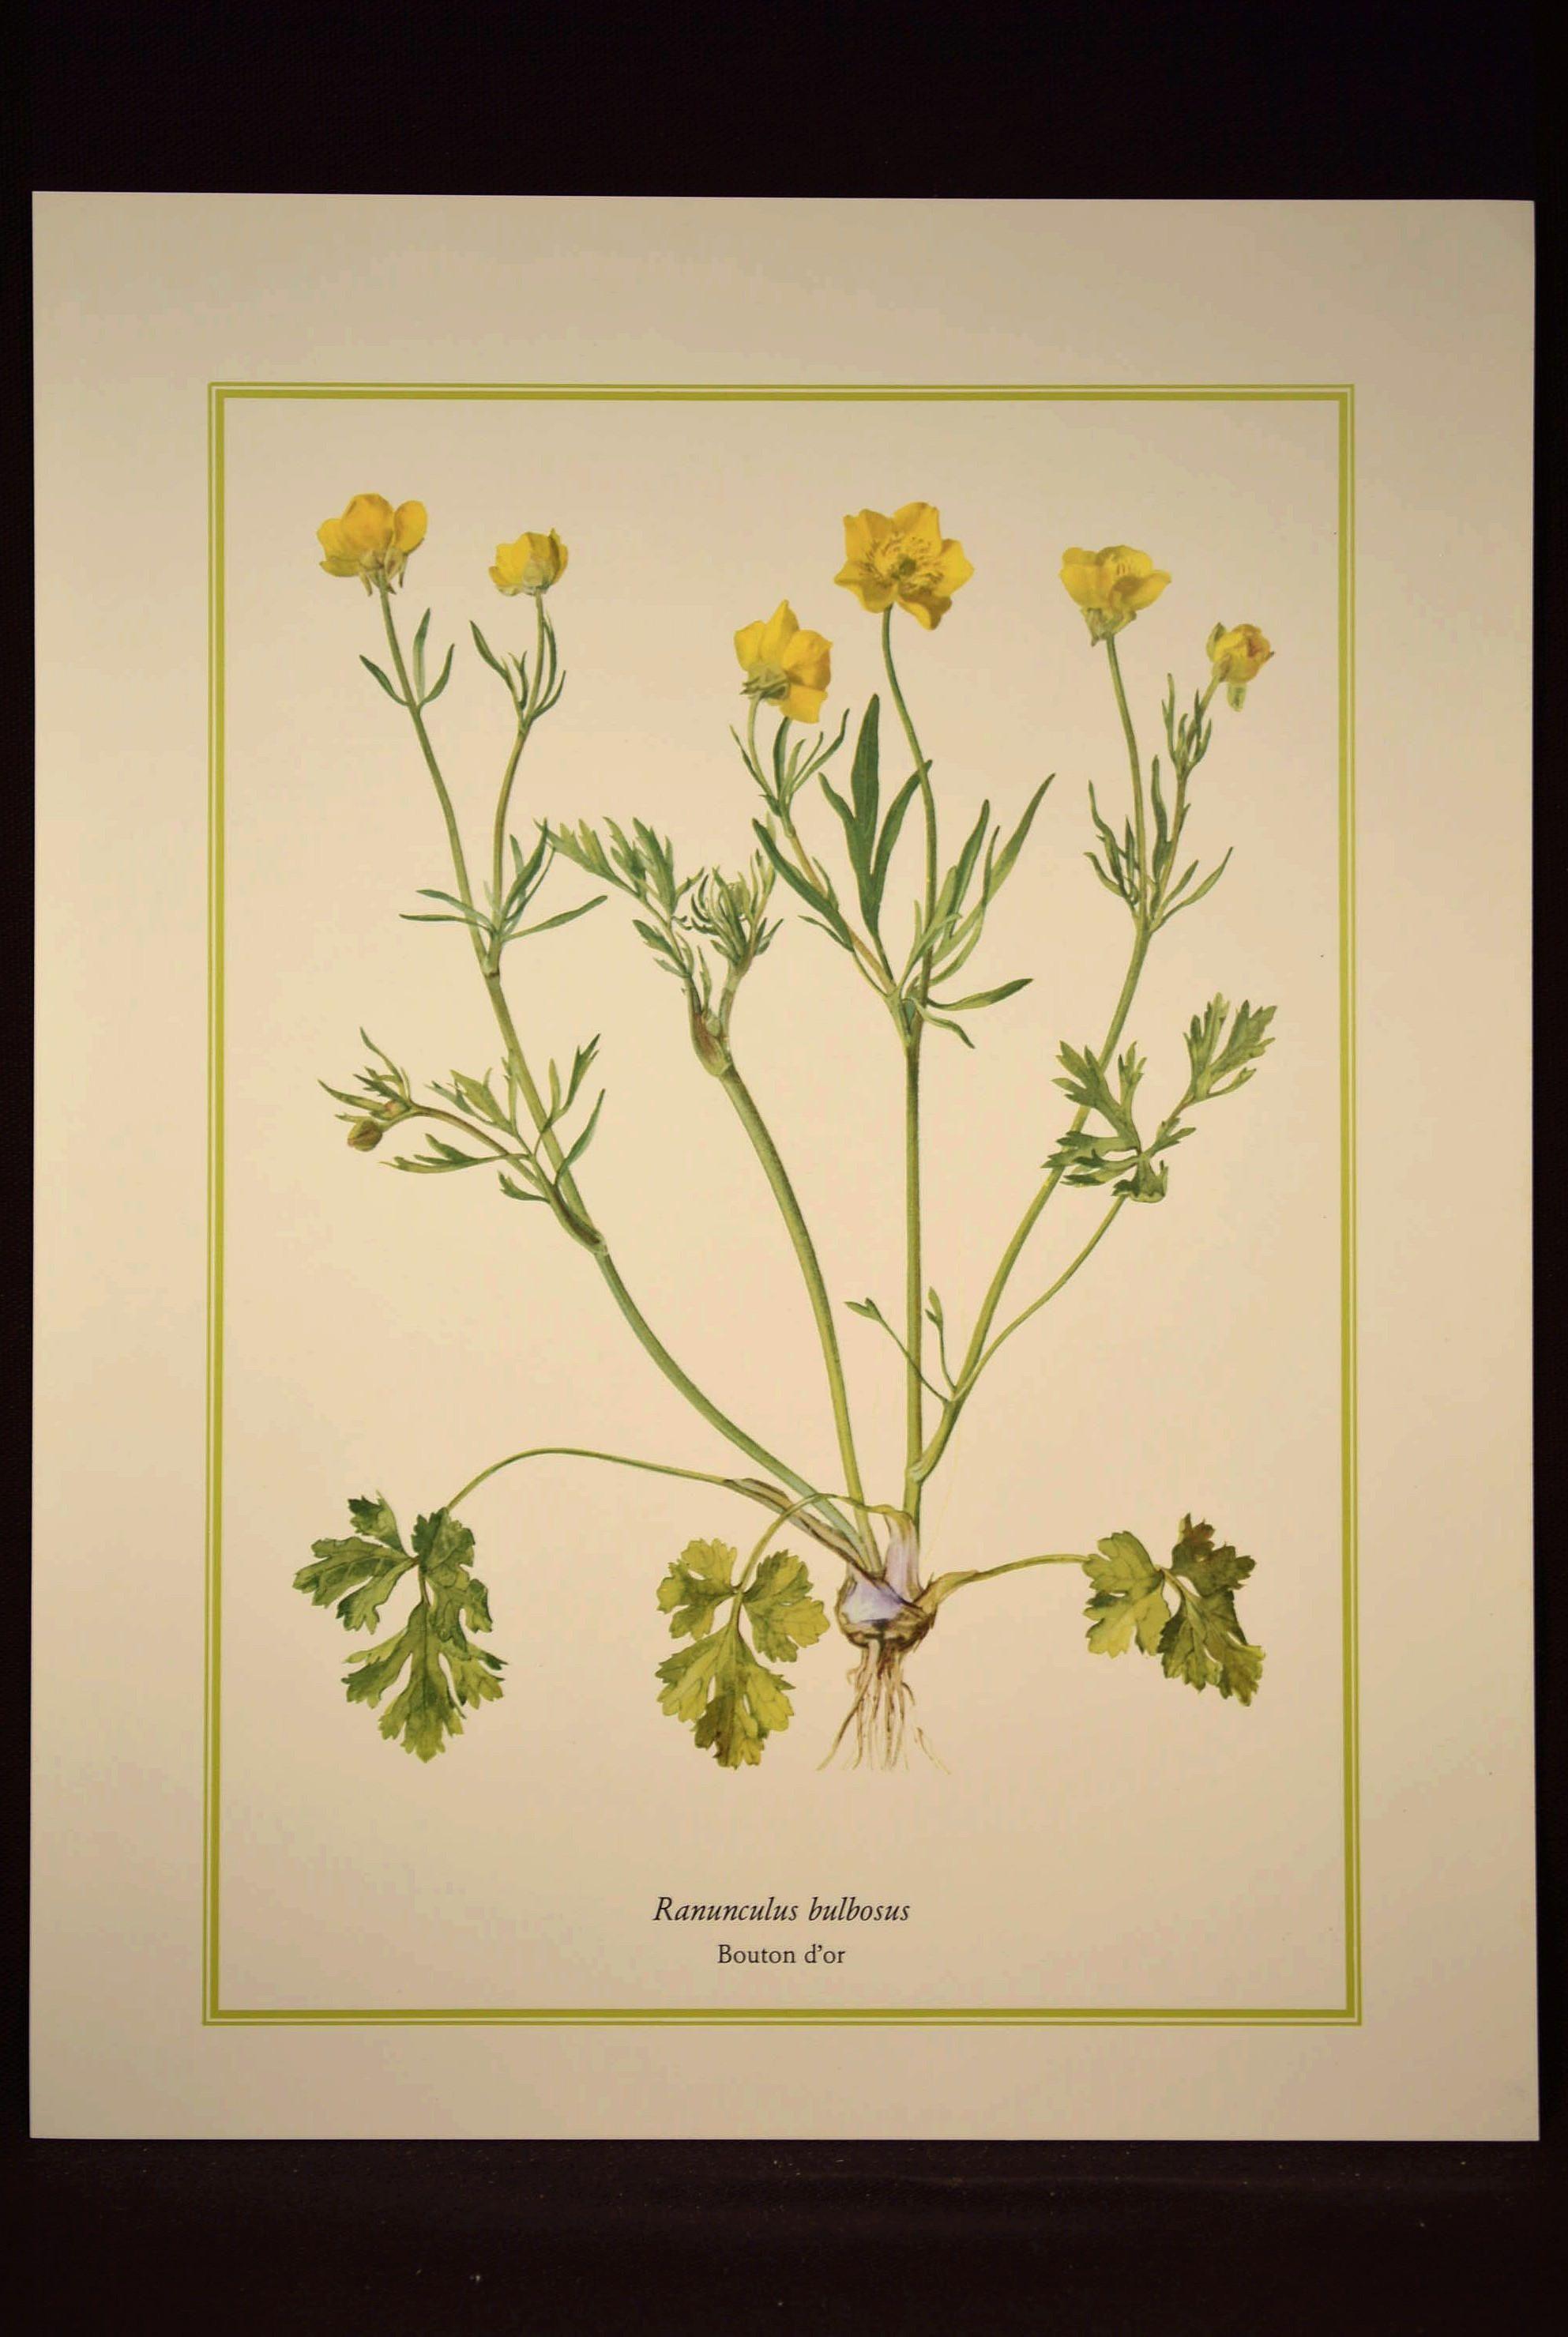 Buttercup Flower Print Yellow Flower Print Nature Wall Art | Nature ...